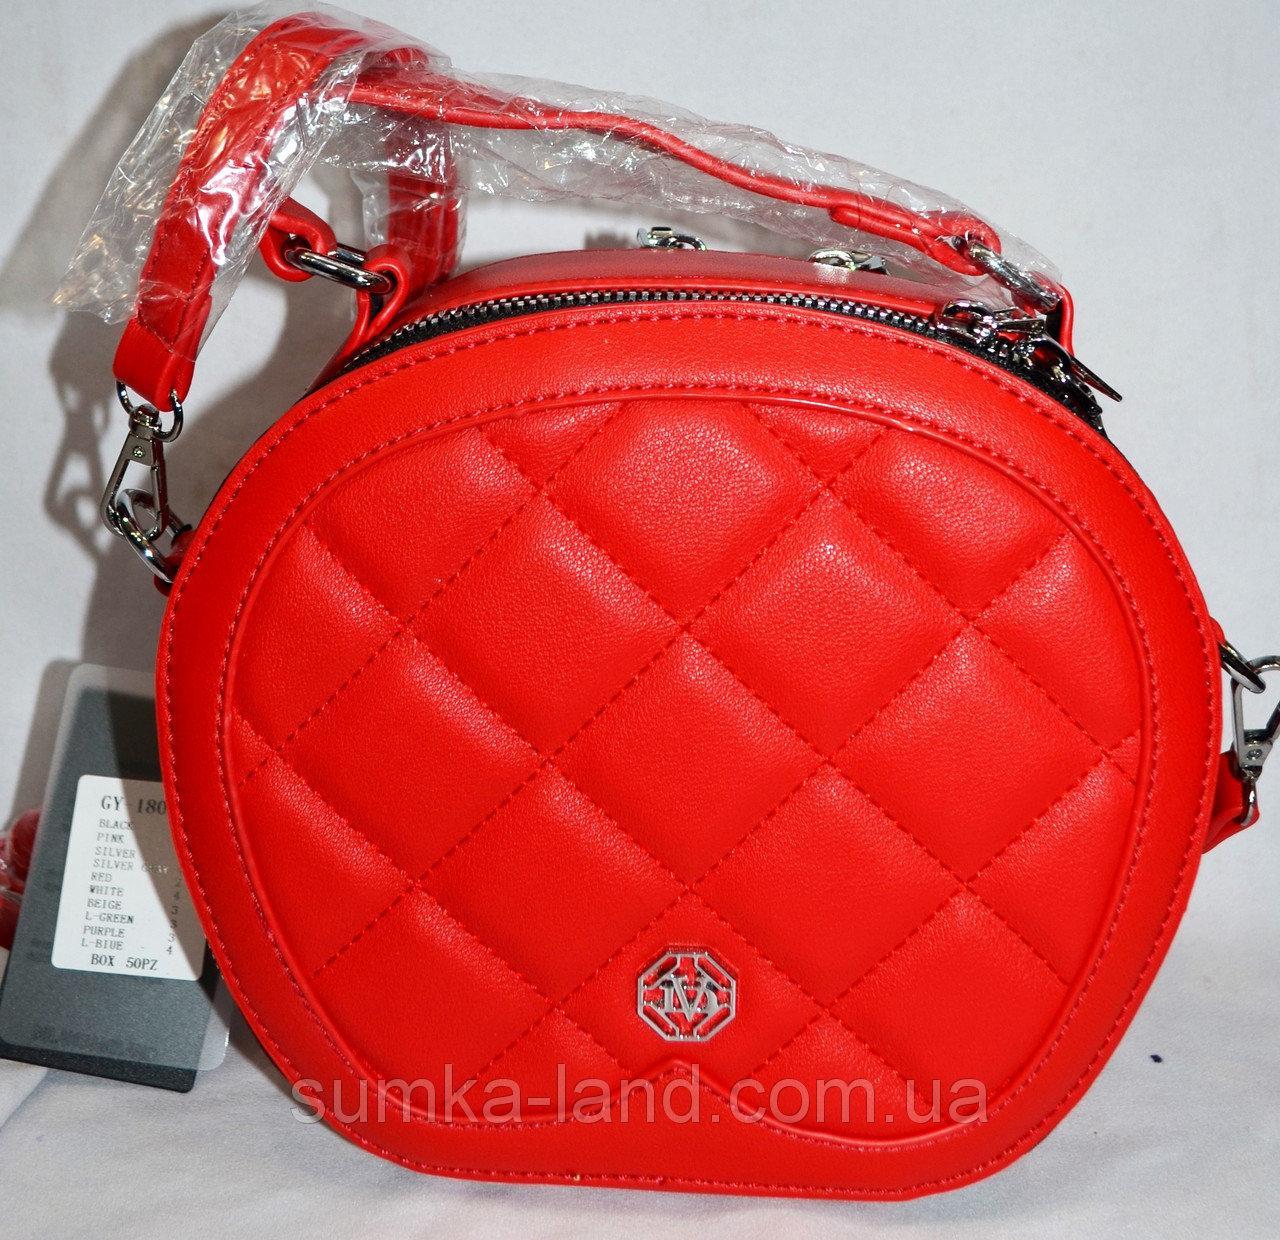 fd3631a86b78 Женская Сумочка круглая клатч кож.зам через плечо. Красный: продажа ...